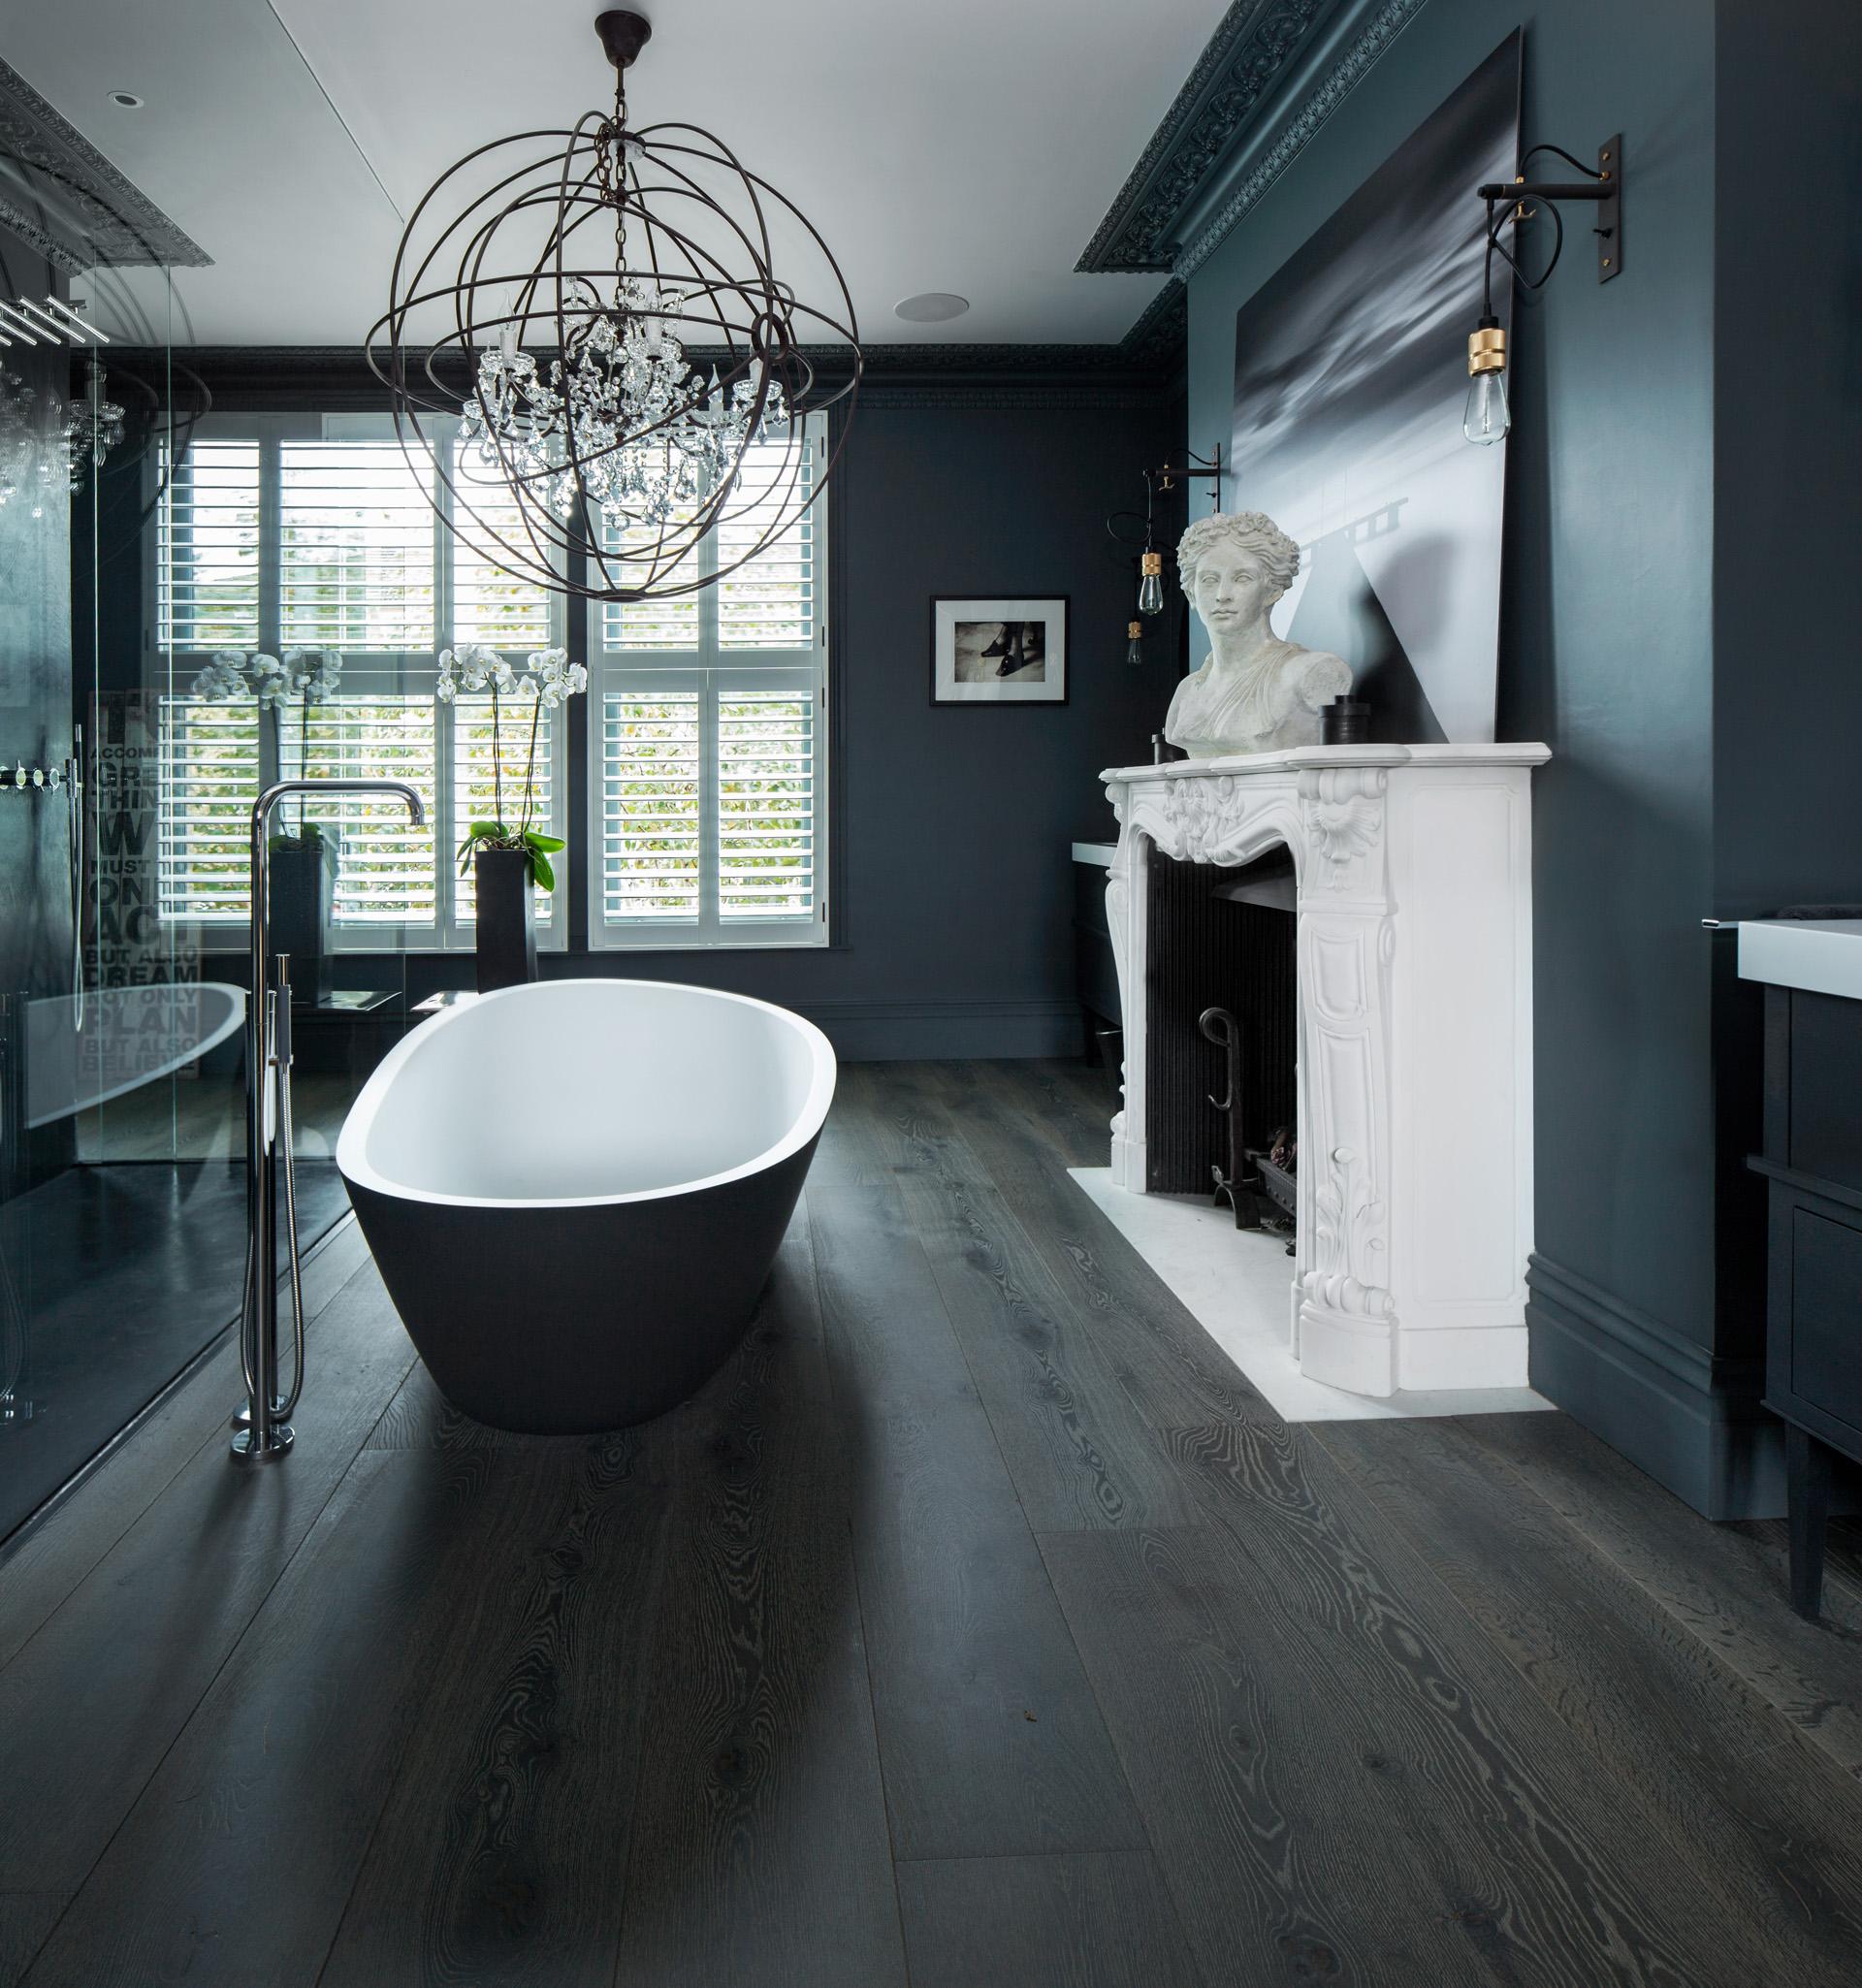 ванная комната ванна камин портал люстра окно жалюзи деревянный пол